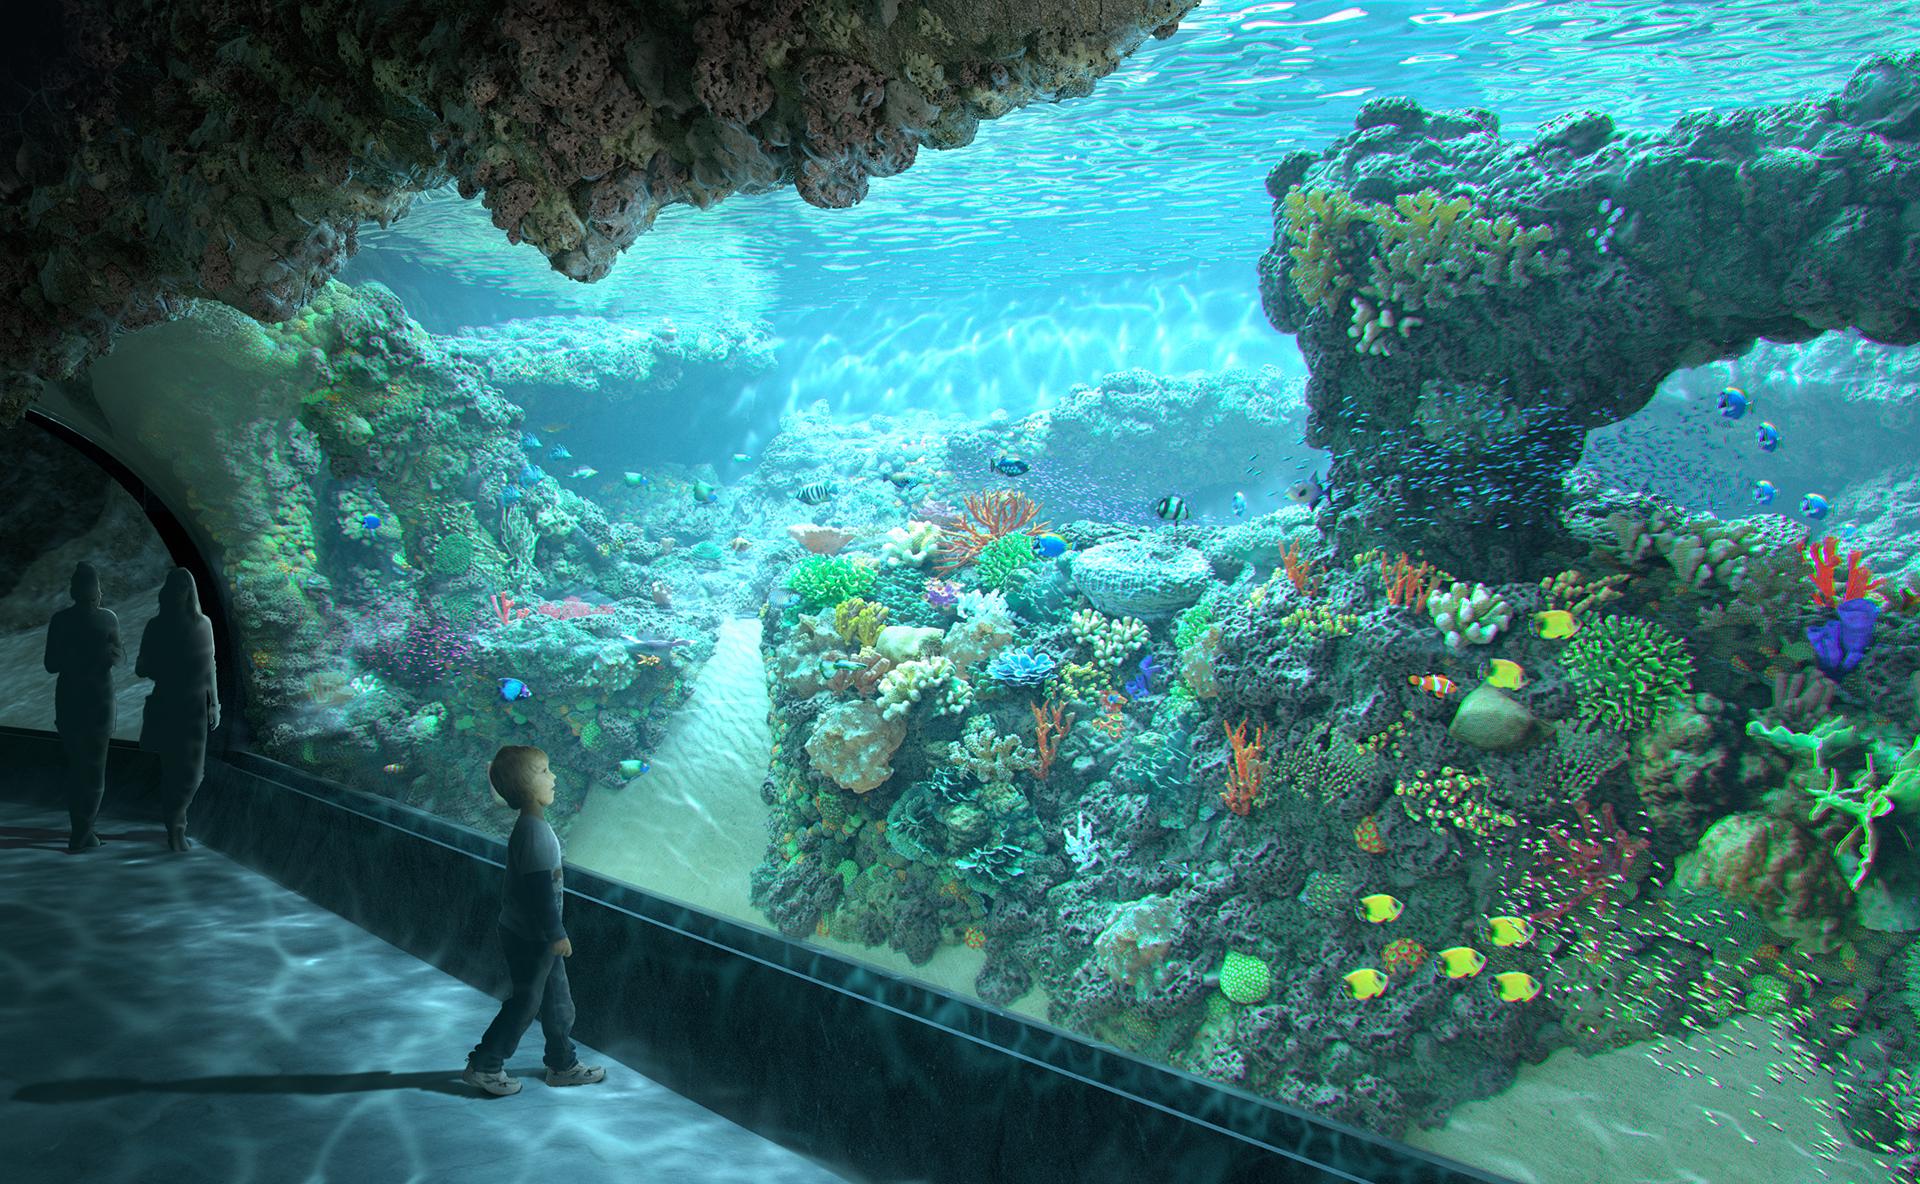 Orientarium - wizualizacja rafy koralowej